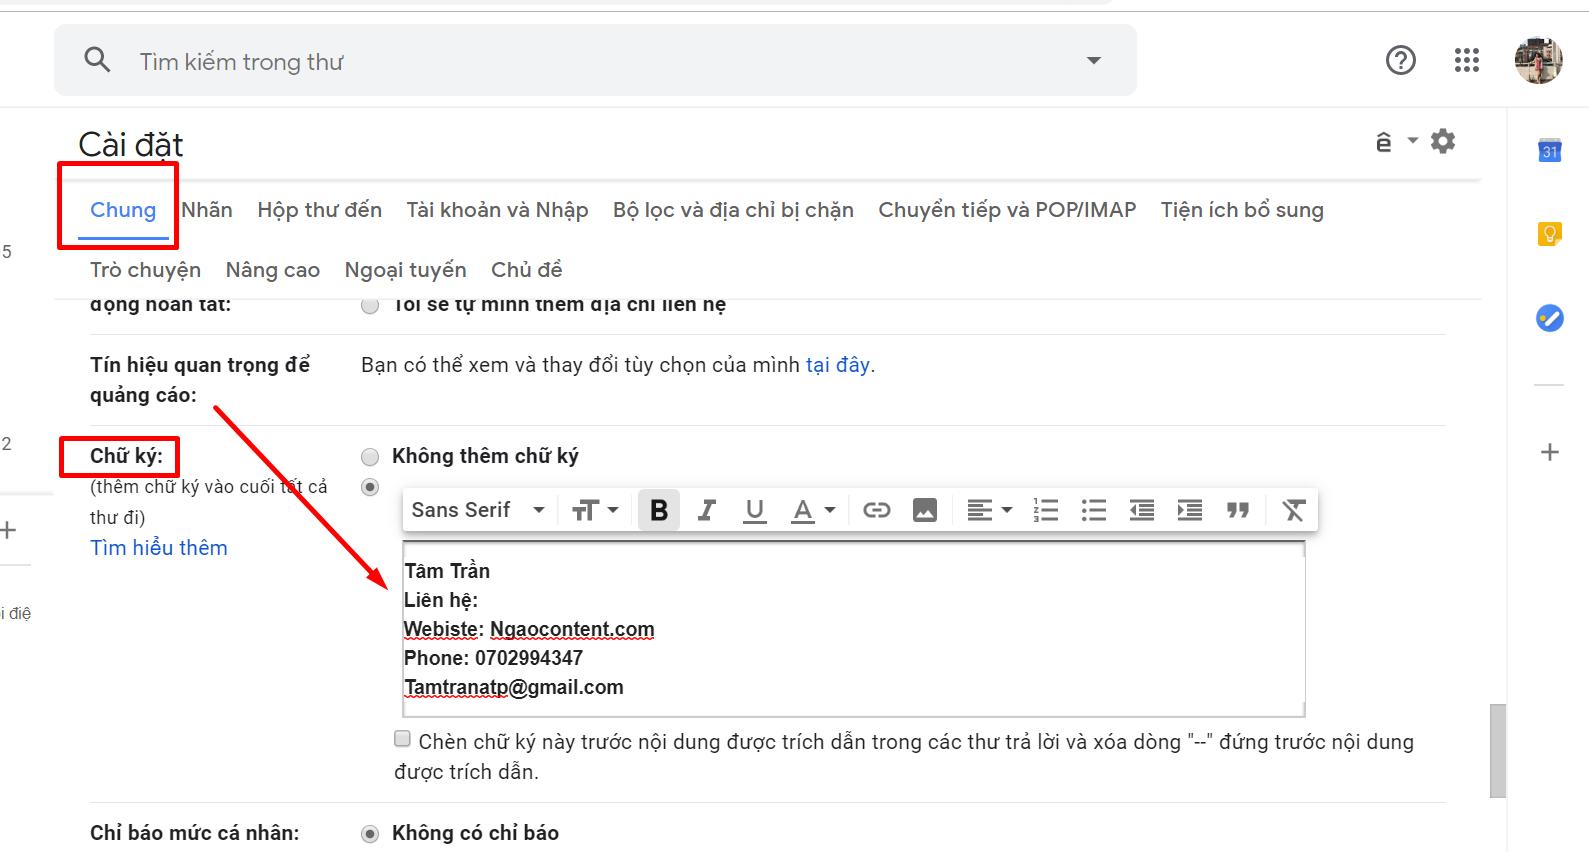 Tao Chu Ky Trong Gmail